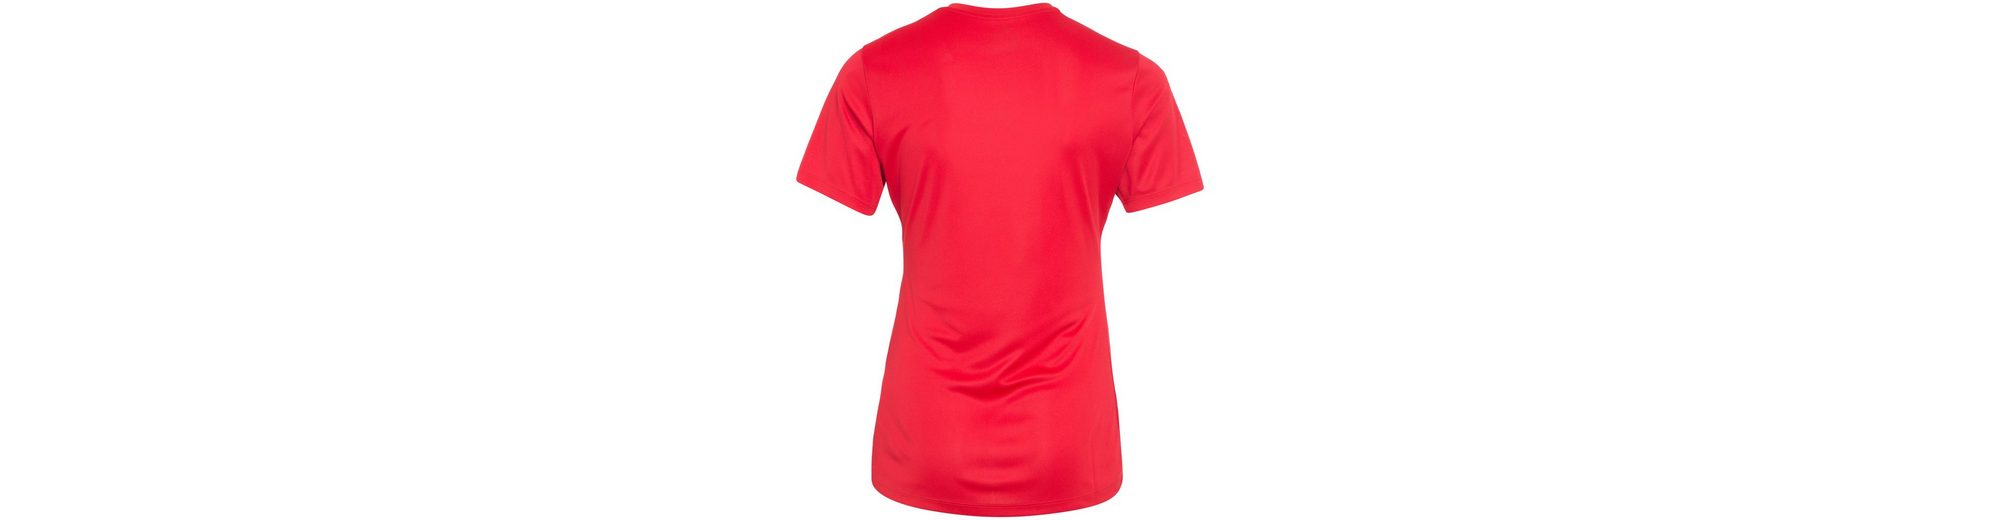 Nike Park VI Fußballtrikot Damen Spielraum Top-Qualität Kaufen Sie Ihre Lieblings Freies Verschiffen Neuestes Wirklich Online-Verkauf Günstig Kaufen Preise mrPmtfr